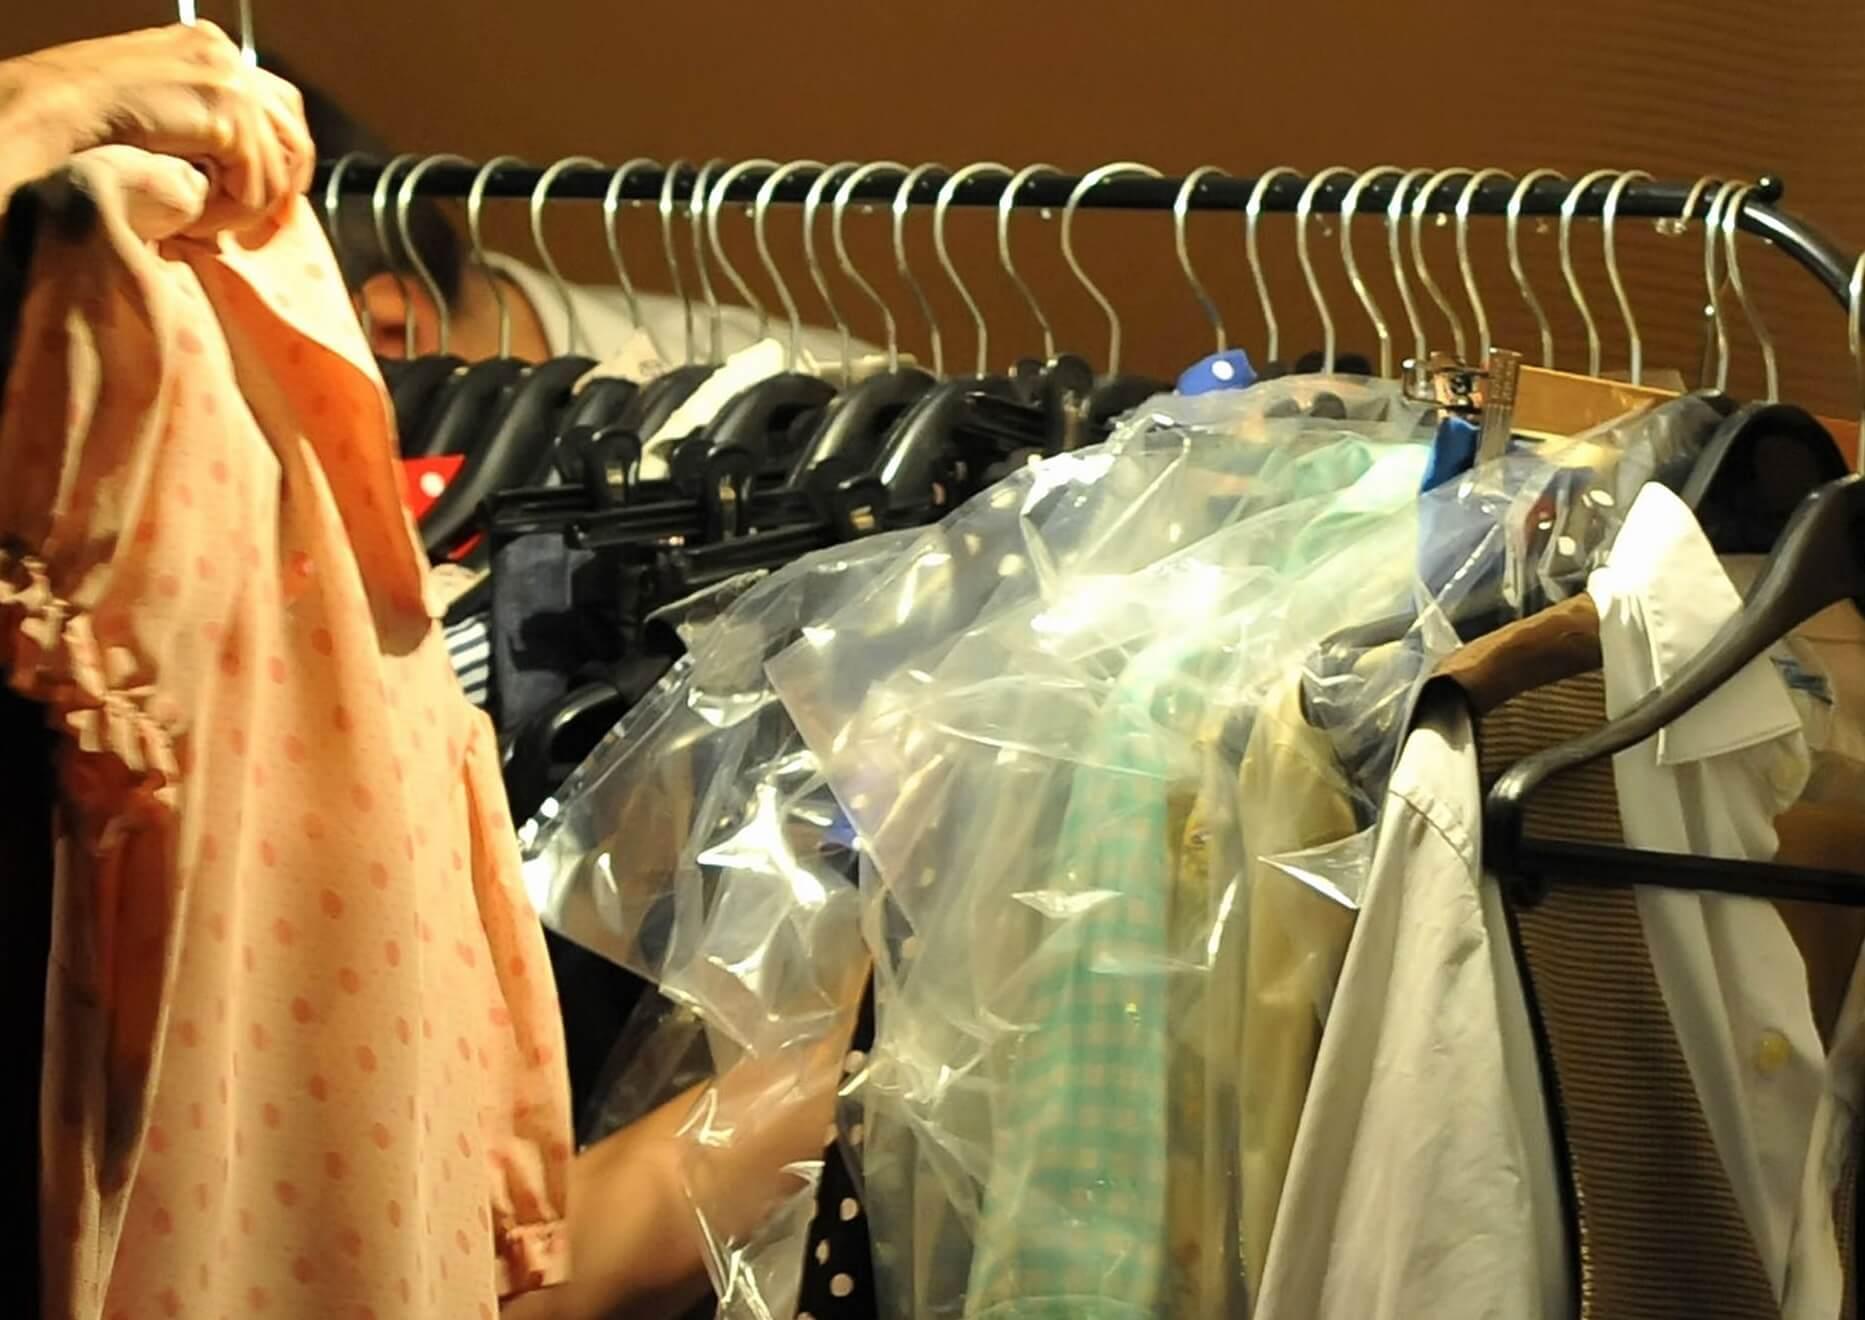 Χανιά: Έρχονται οι ενδιάμεσες εκπτώσεις στα καταστήματα! Υποσχέσεις για τιμές έκπληξη